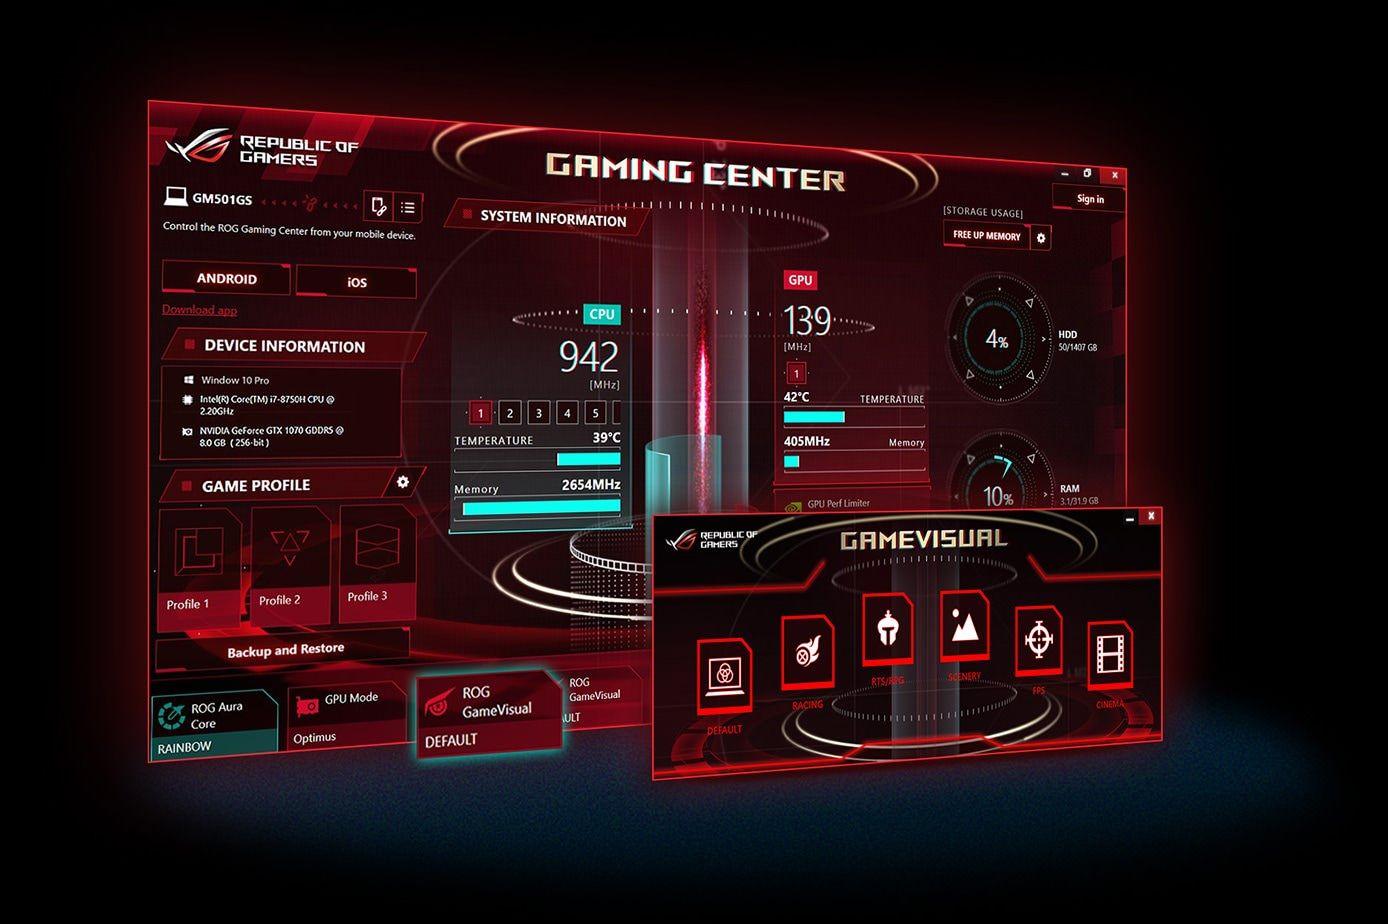 Asus ROG gaming center - Google 搜尋 | UI Design | Audio, UI